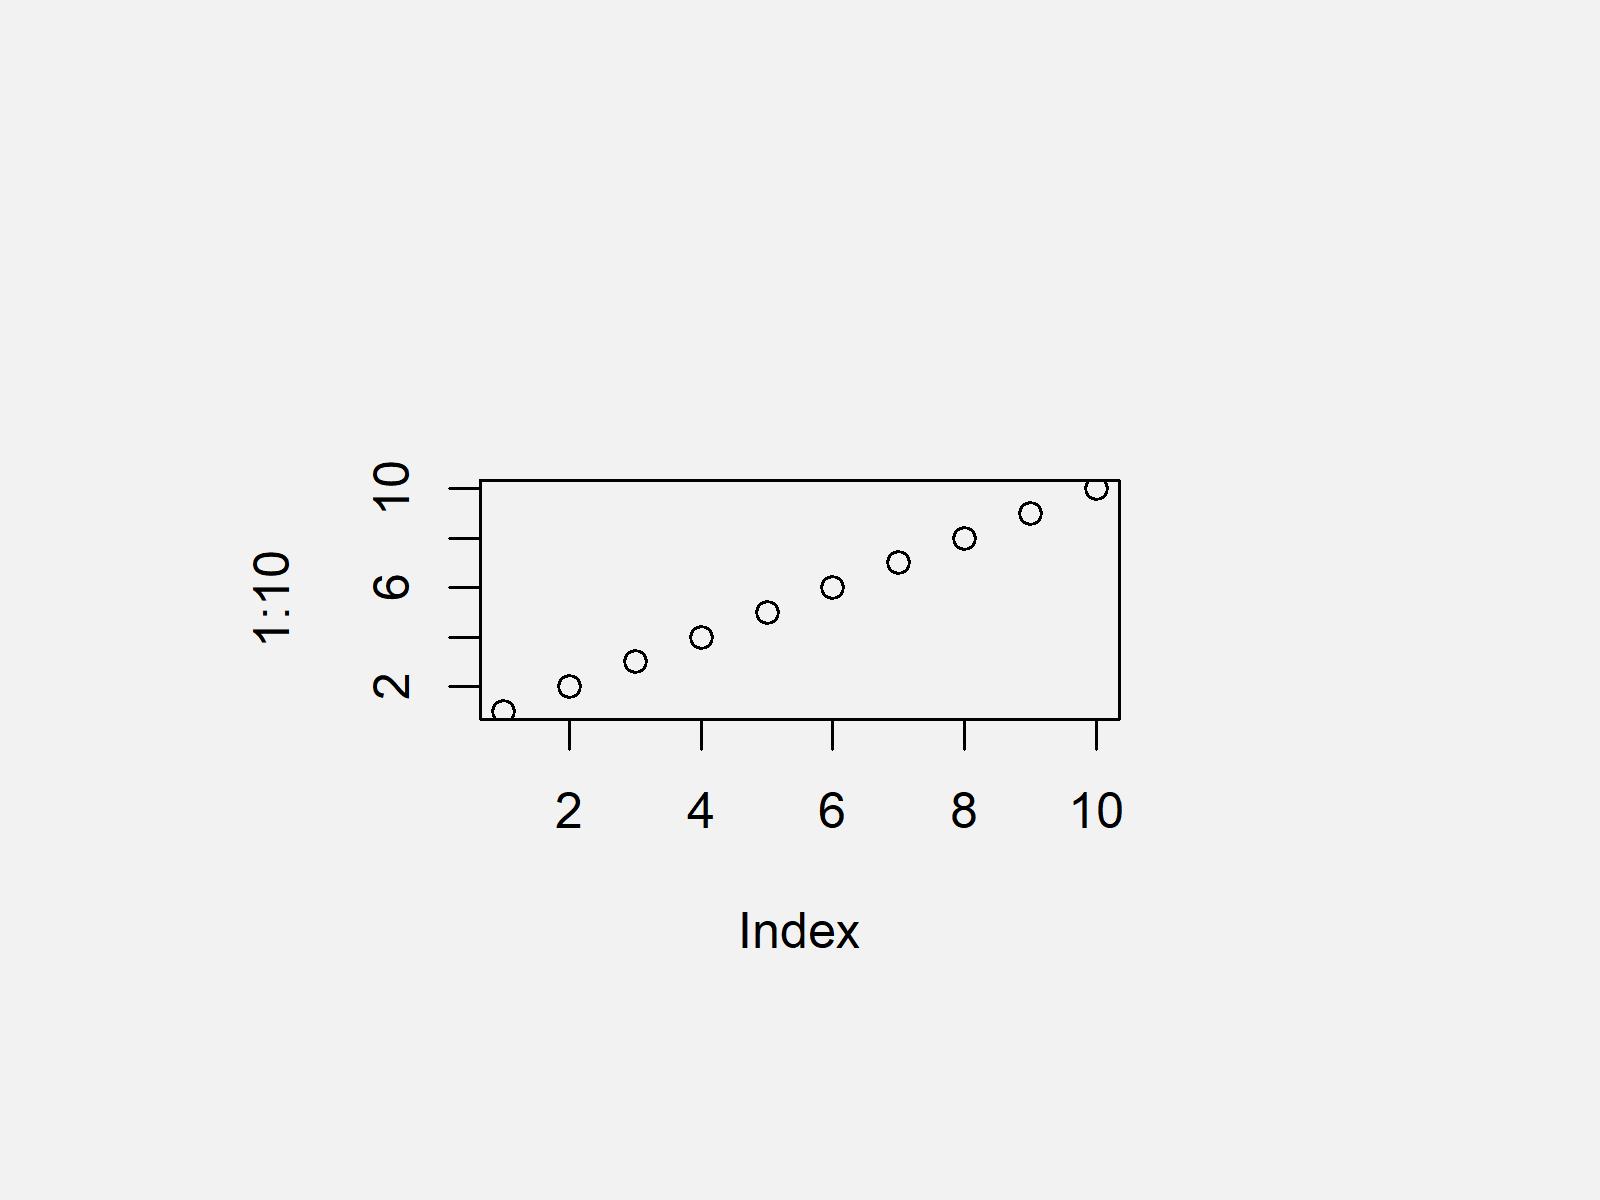 r graph figure 1 reset par to default values